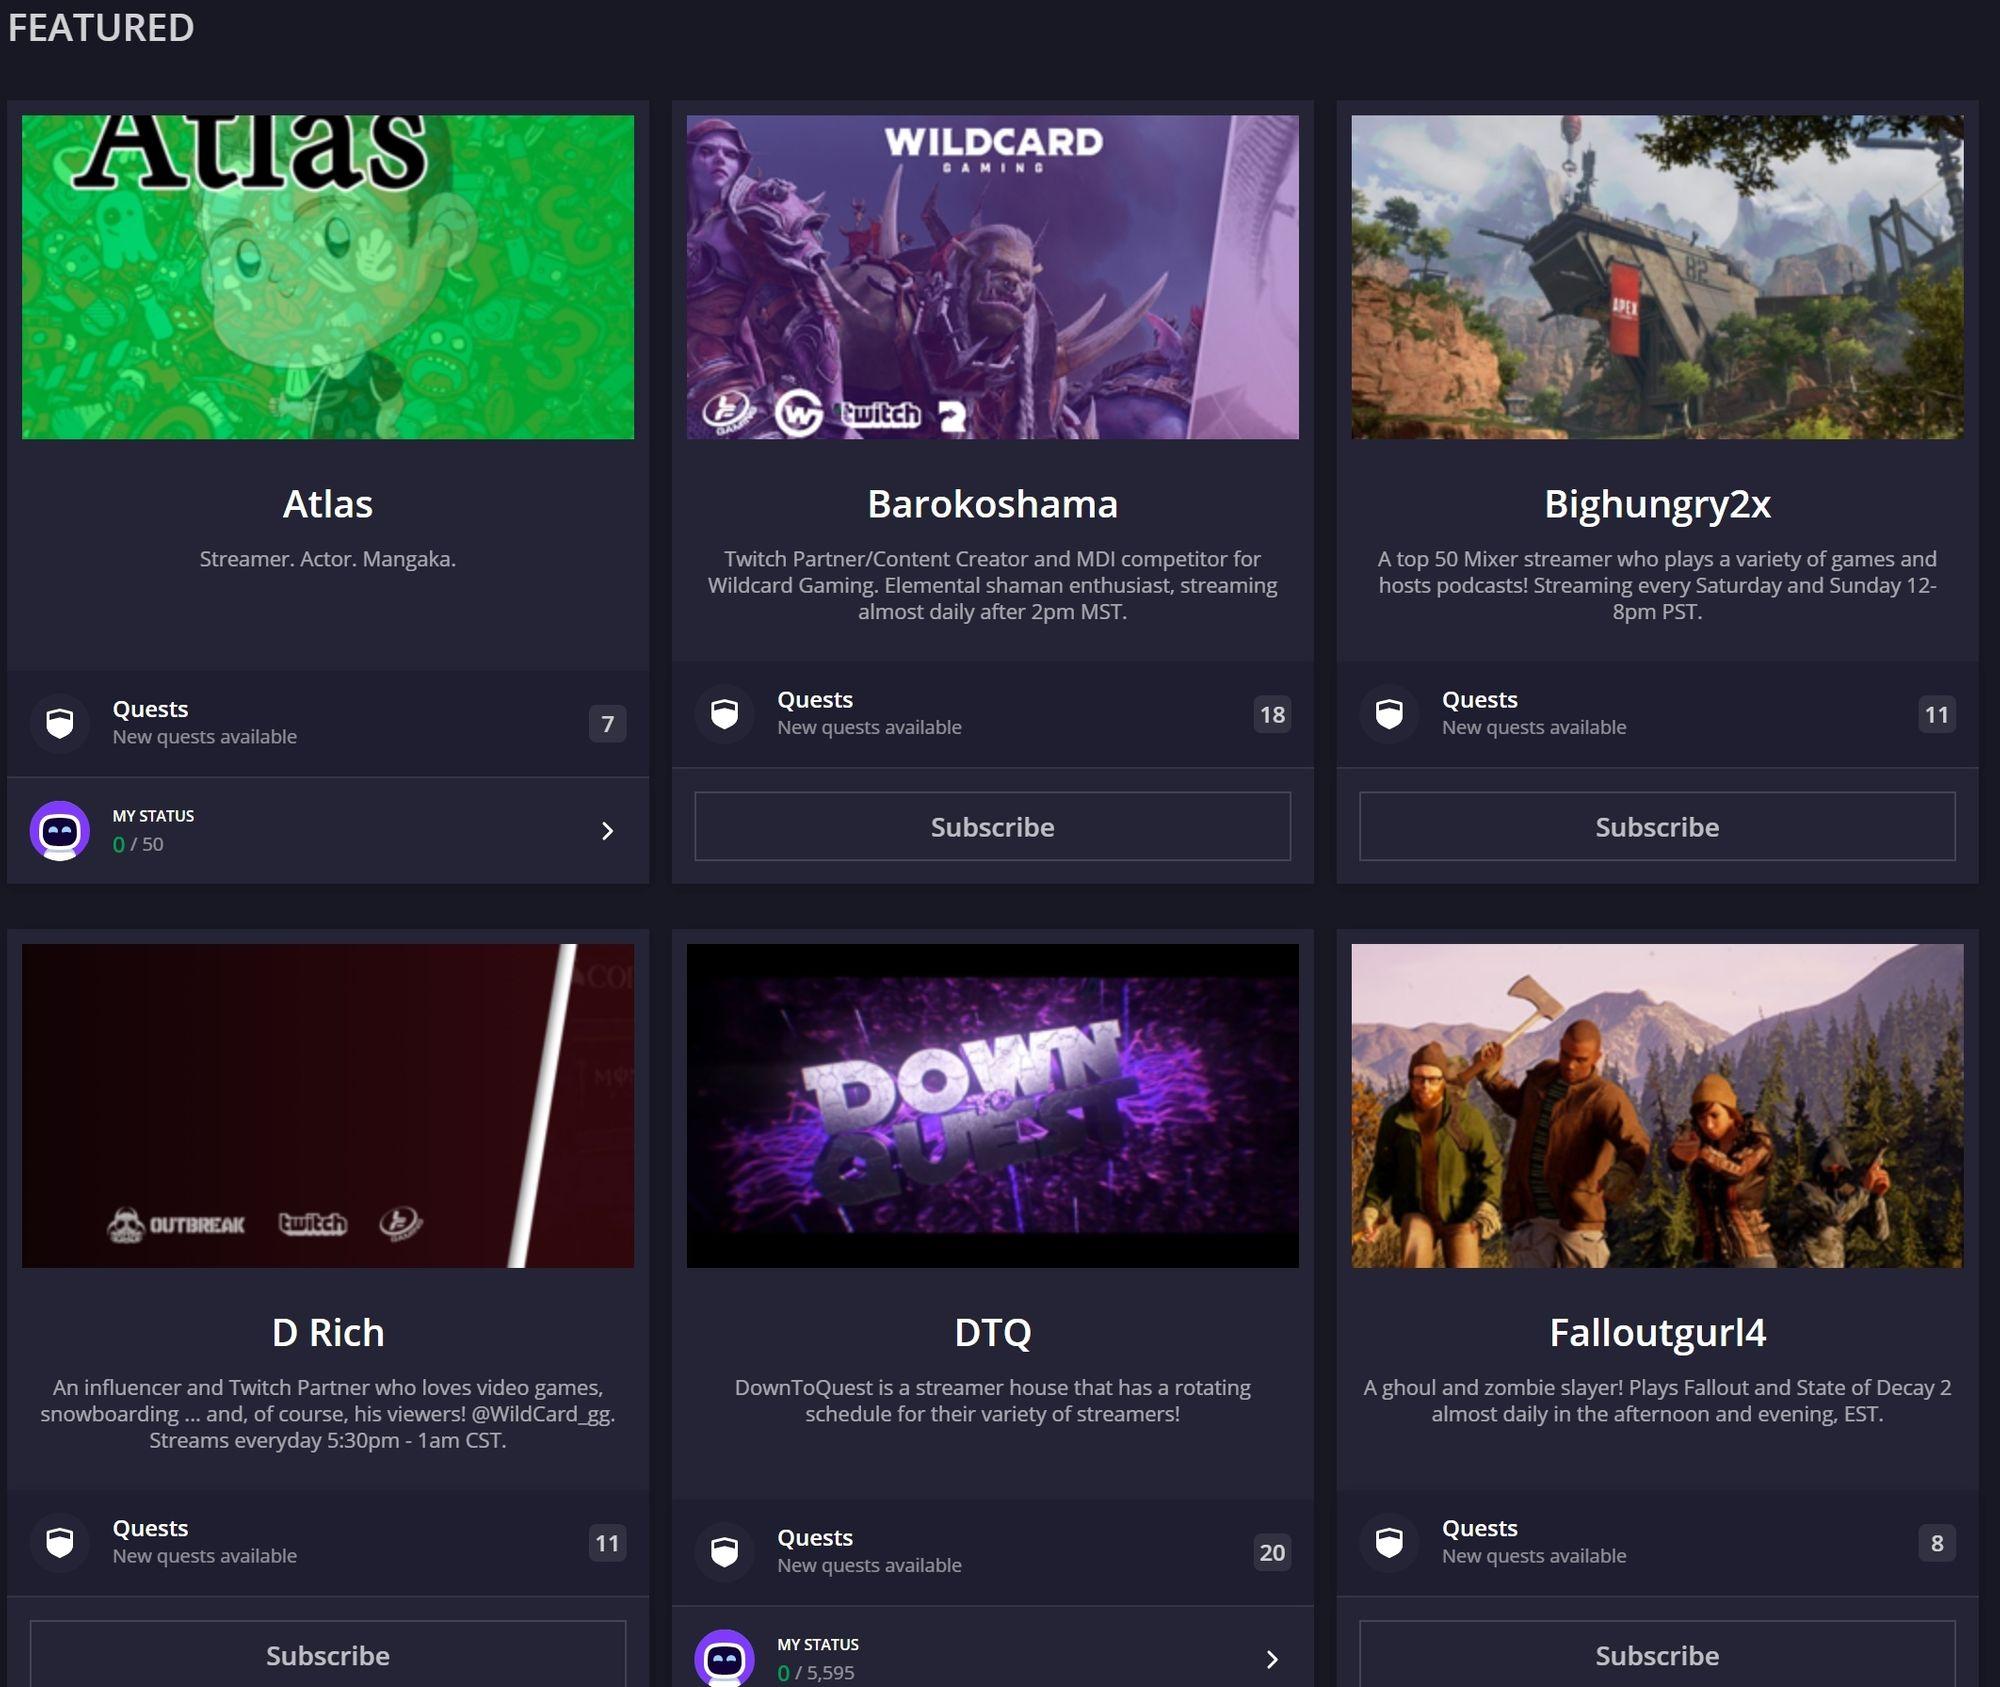 Enabling Rewards For Over 6 Million Gamers: Refereum x DLive